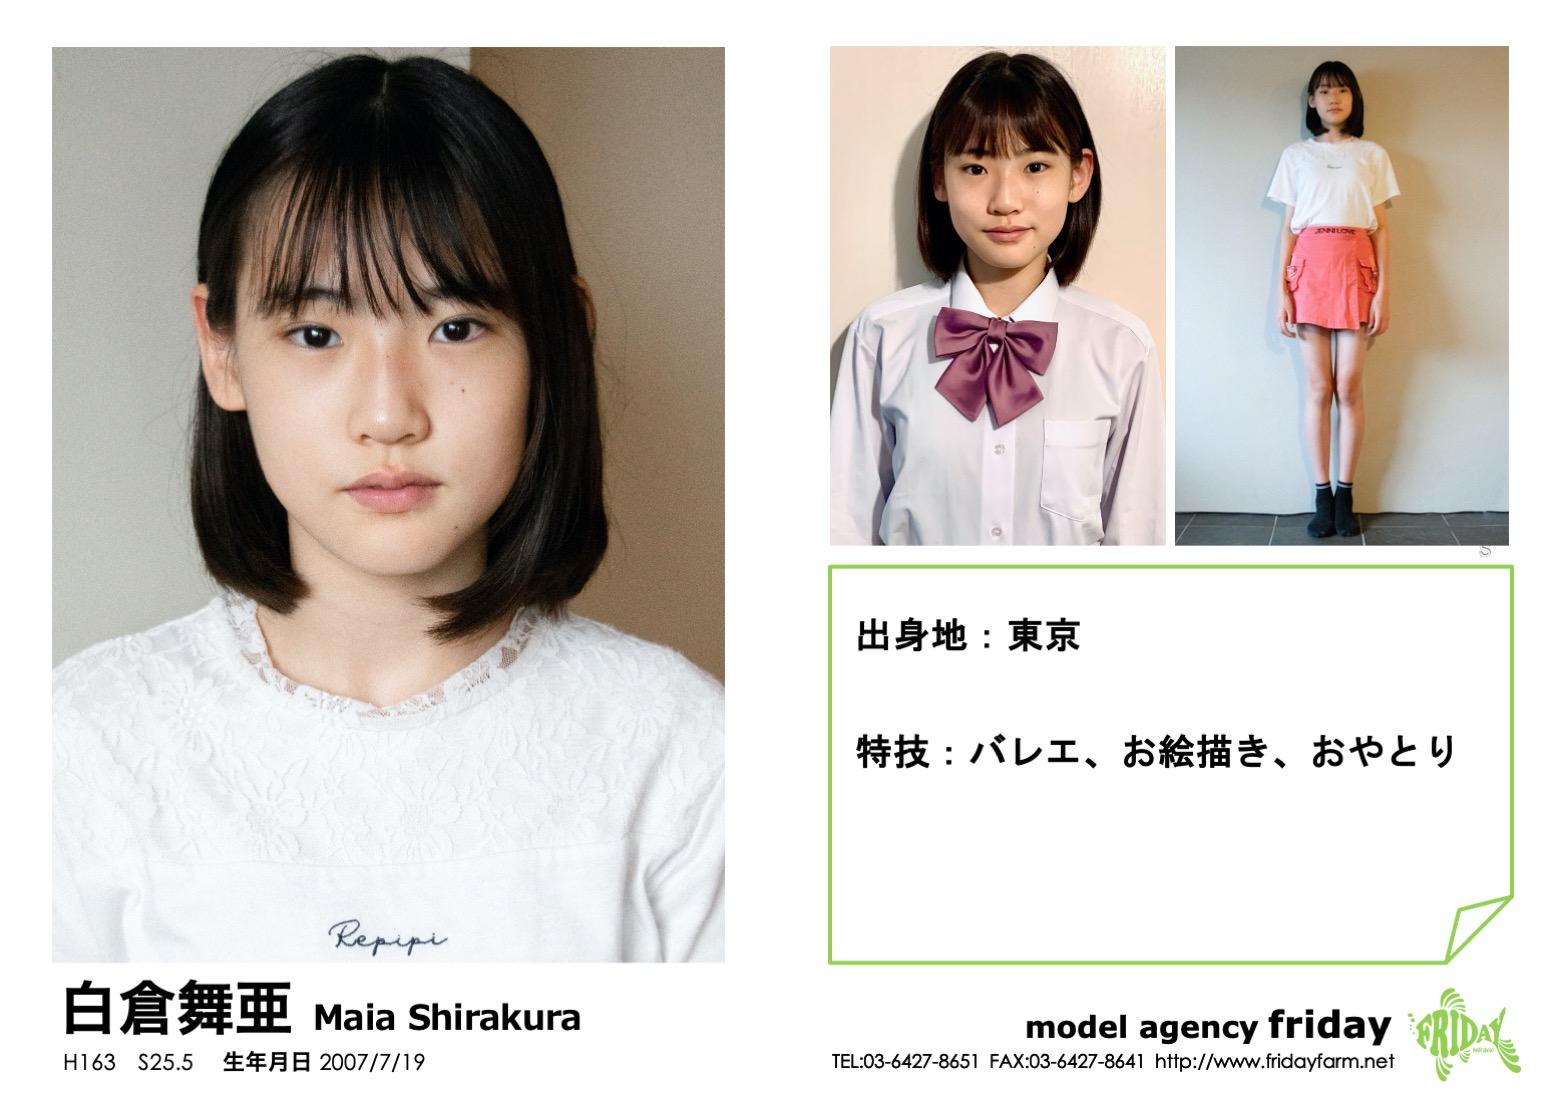 白倉 舞亜 - Maia Shirakura | model agency friday